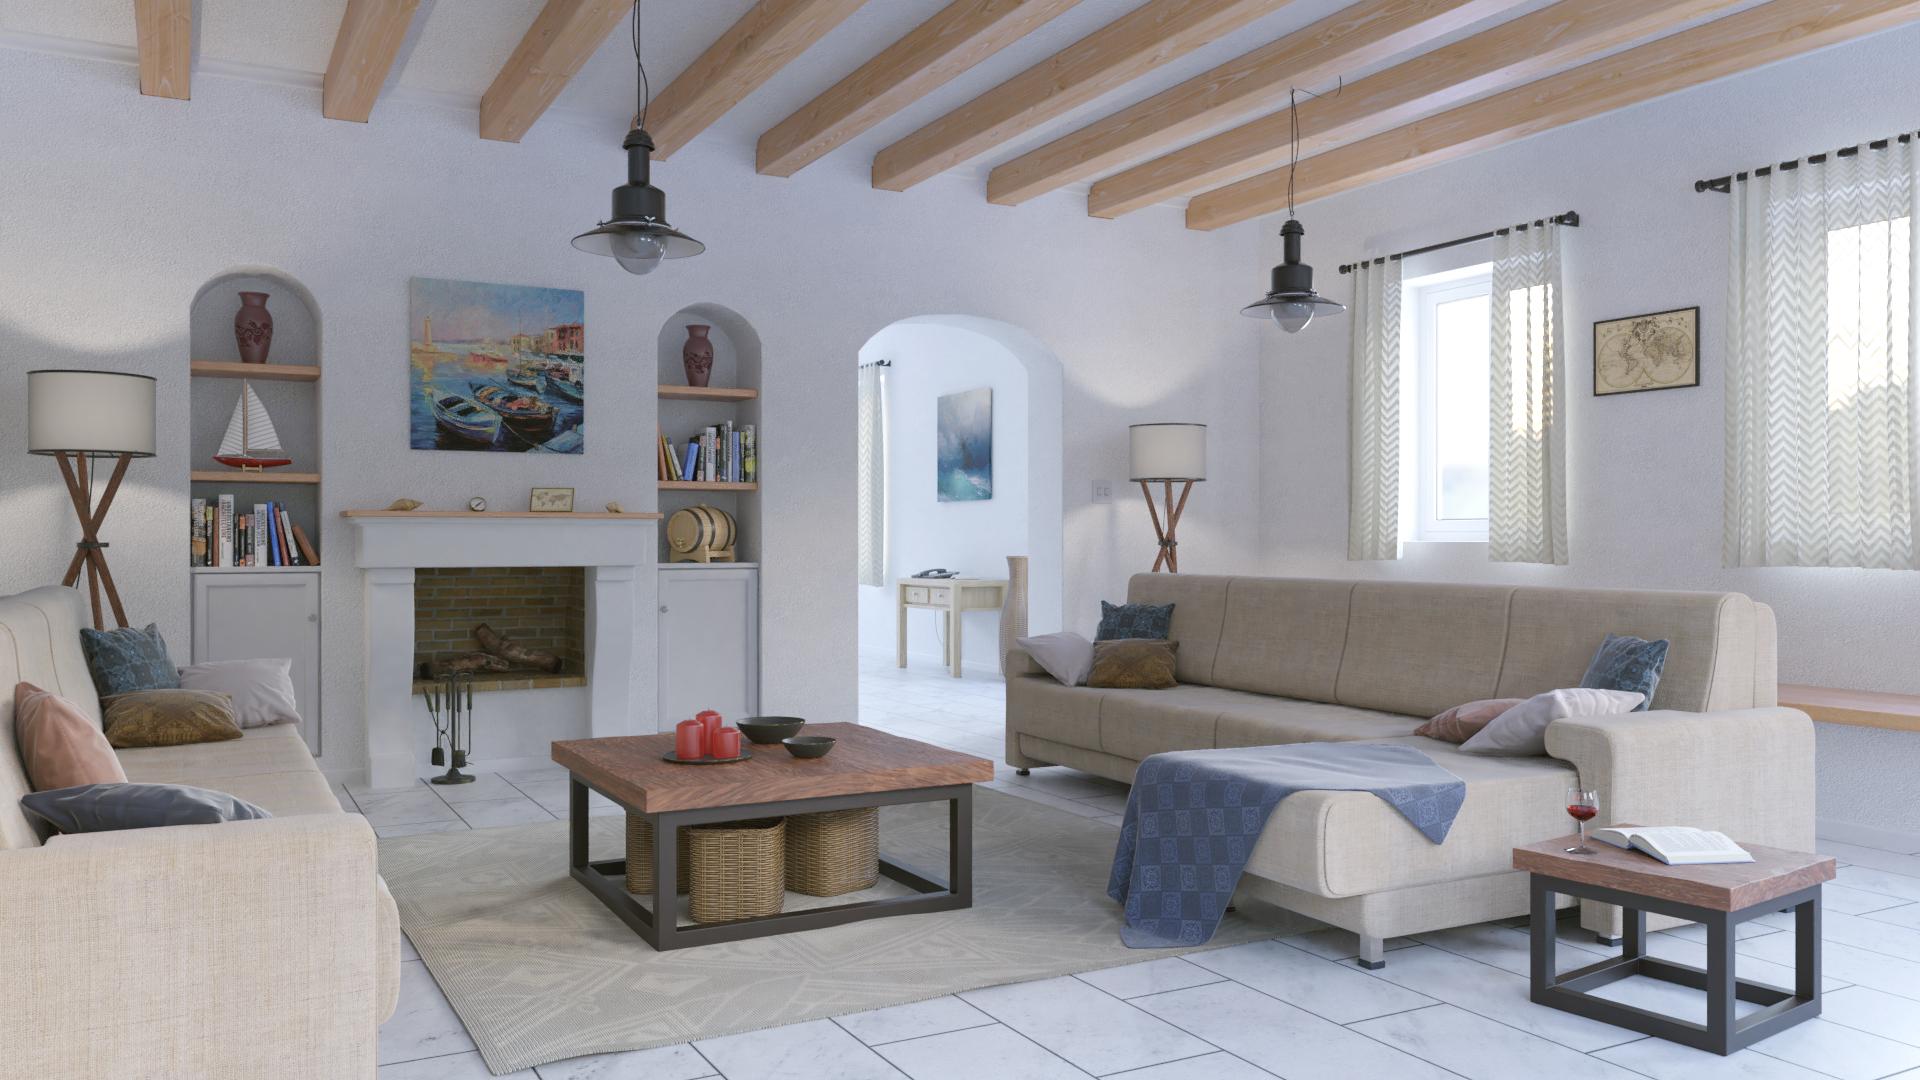 Mediteranean Living Room C1 Jpg1920 1080 1 97 Mb